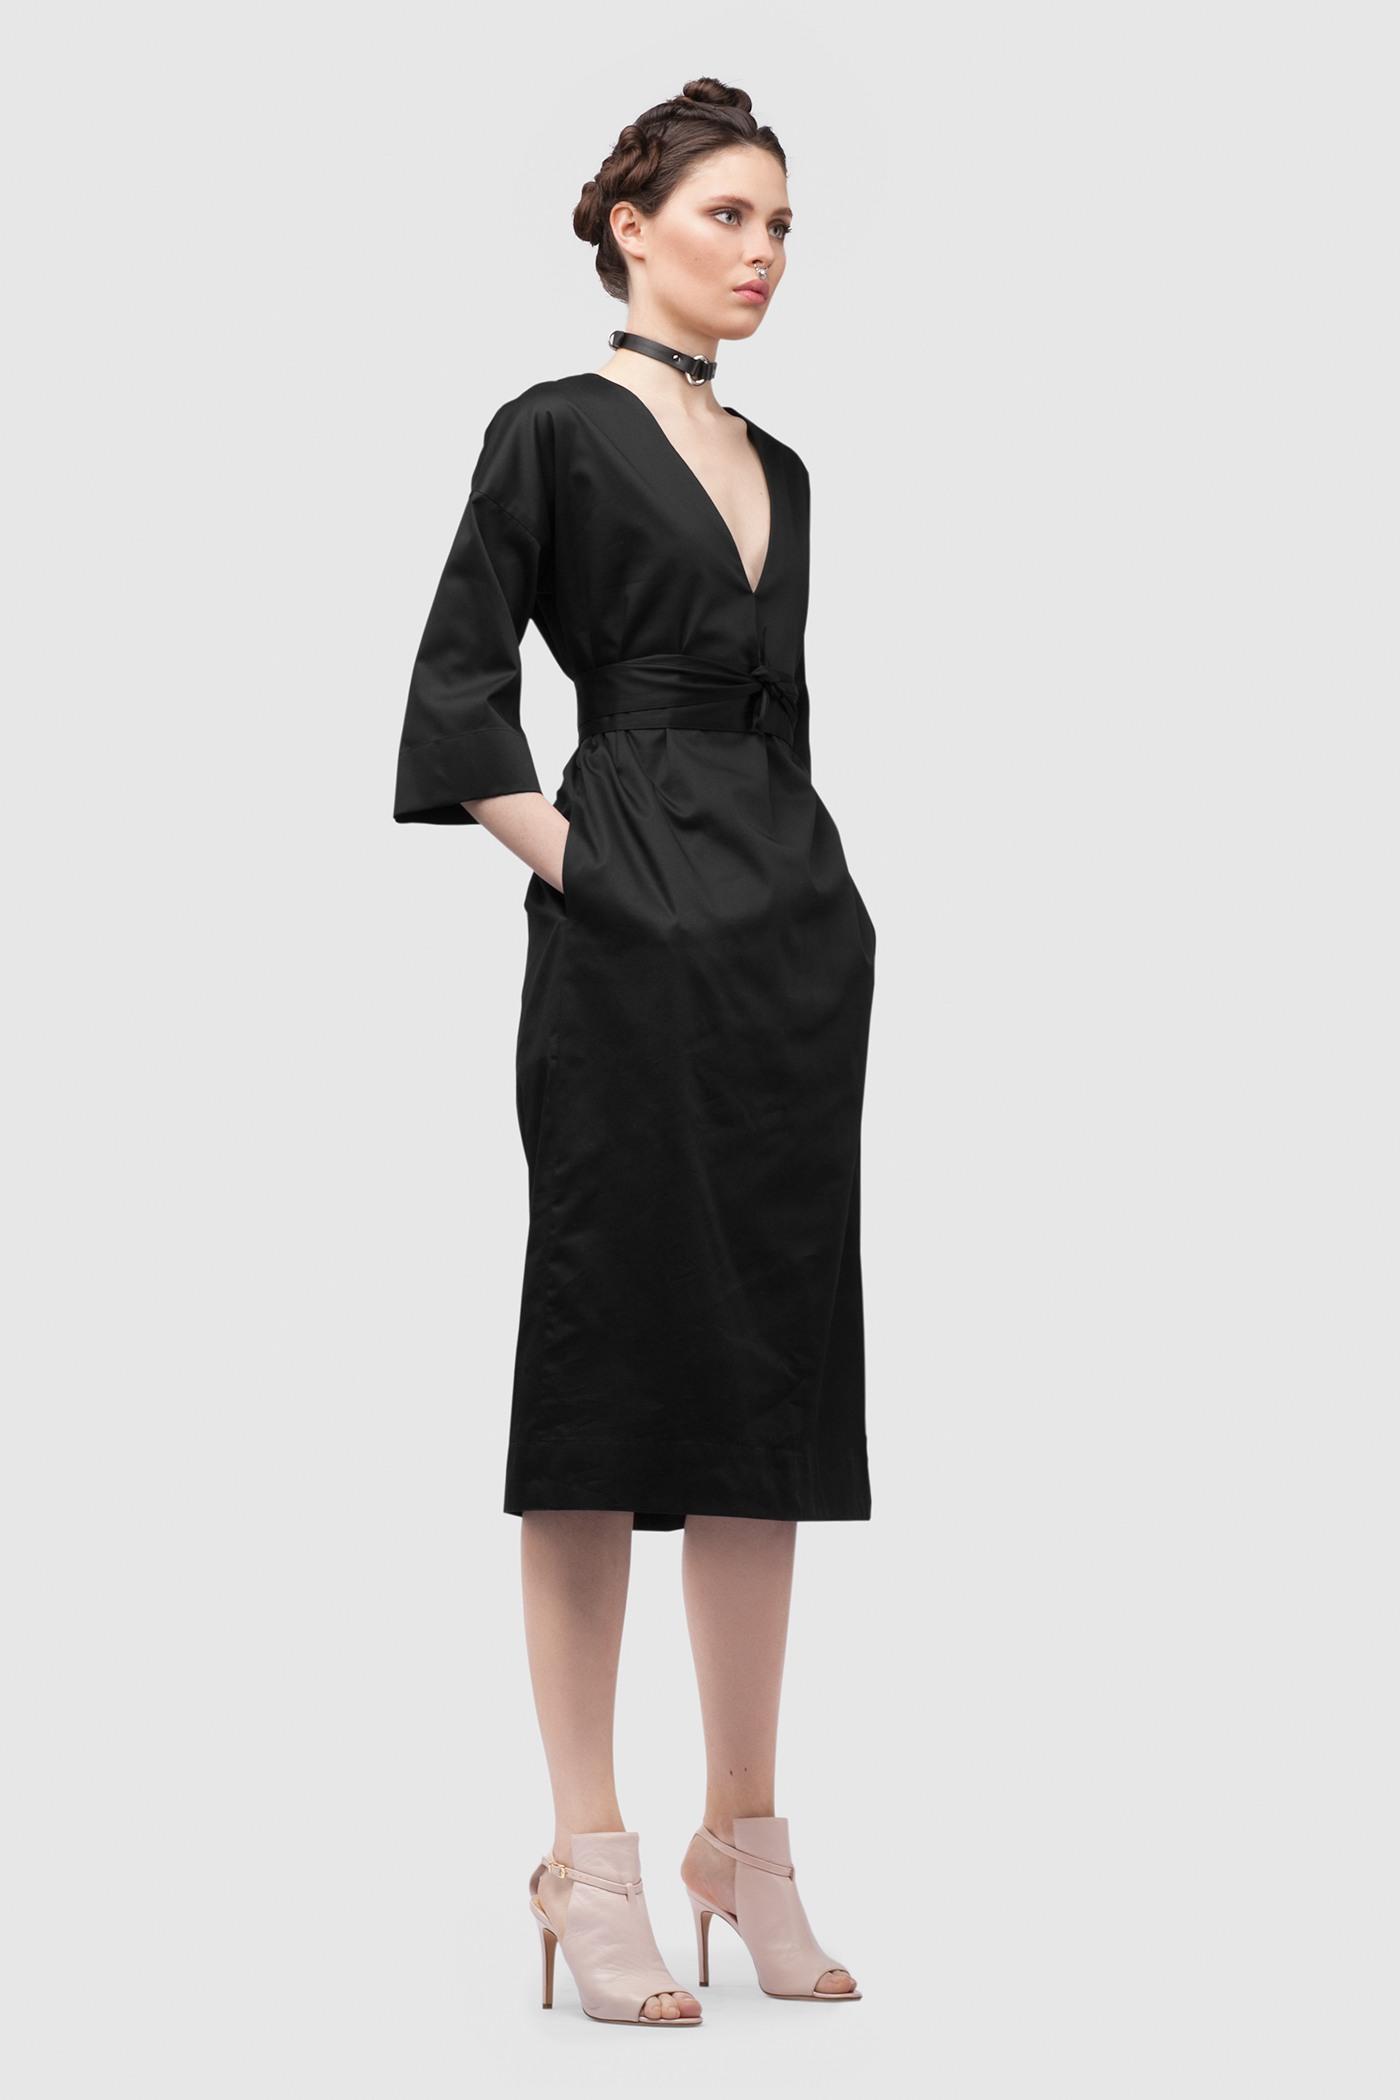 ПлатьеПлатье средней длины прямого силуэта из хлопка с глубоким V-образным вырезом. Драпируется с помощью тканного пояса.&#13;<br>&#13;<br>&#13;<br>широкие рукава 2/3&#13;<br>&#13;<br>имеет карманы в боковых швах&#13;<br>&#13;<br>свободный силуэт, платье можно носить как с поясом, так и без&#13;<br>&#13;<br>дышащий хлопок — идеальное платье для жаркого лета&#13;<br>&#13;<br>длина изделия по спинке 107 см в ростовке 164-170 см., длина может изменятся в зависимости от размера и ростовки&#13;<br>&#13;<br>размер и другие нюансы уточняются при заказе, мы с вами связываемся по указному вами номеру телефона<br><br>Цвет: Черный<br>Размер: XS, S, M, L<br>Ростовка: 158 -164, 164 -170, 170 -176